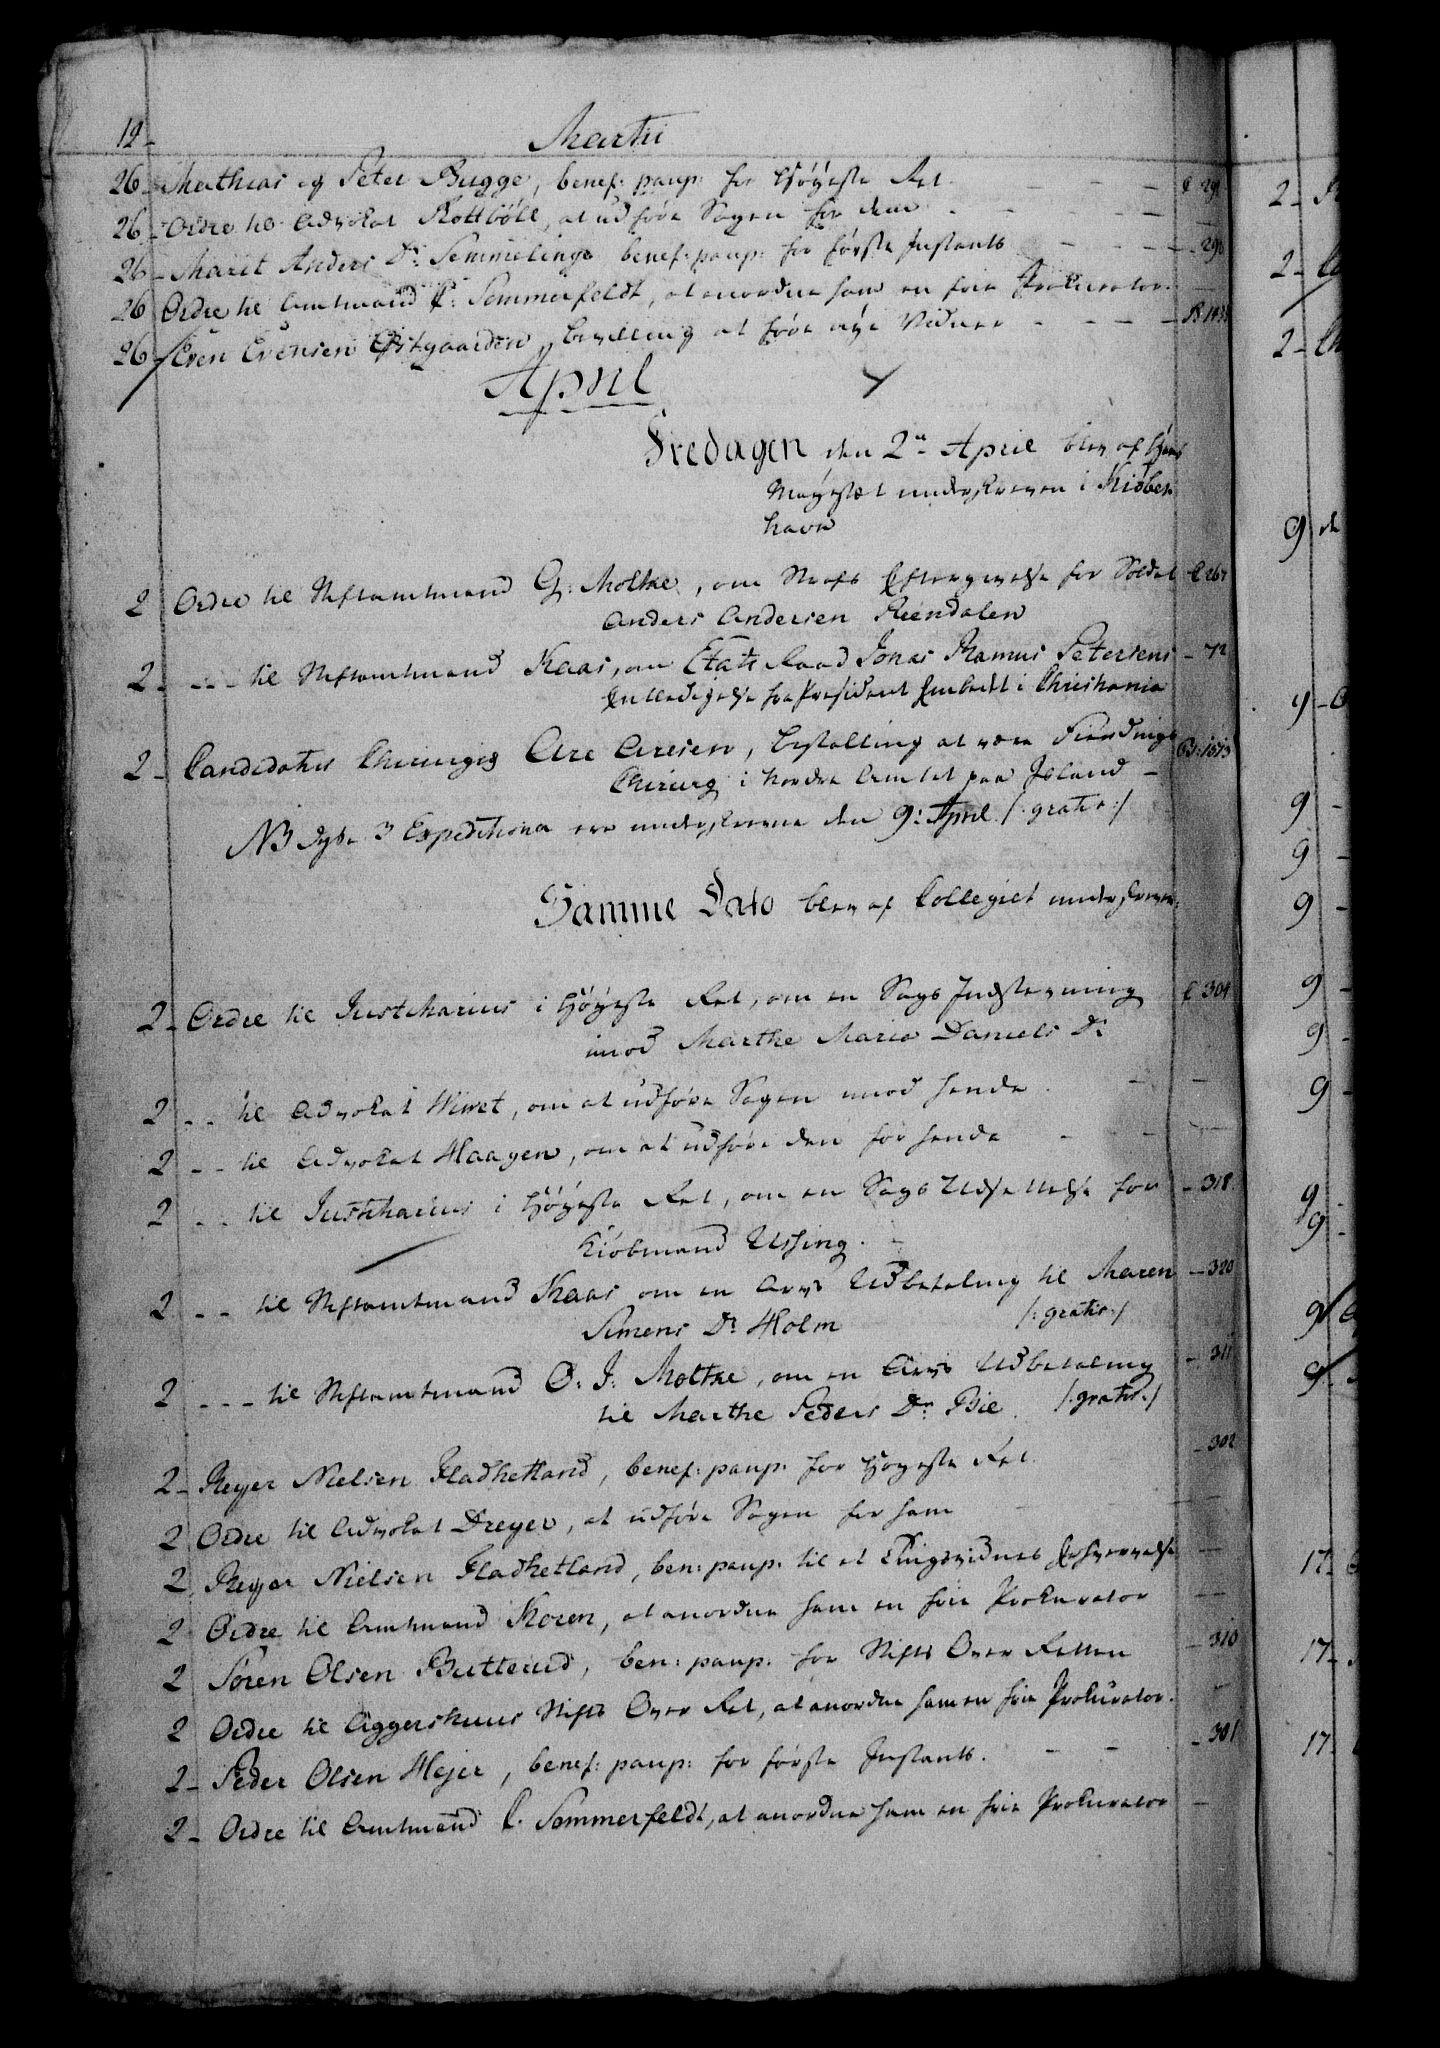 RA, Danske Kanselli 1800-1814, H/Hf/Hfb/Hfbc/L0003: Underskrivelsesbok m. register, 1802, s. 12